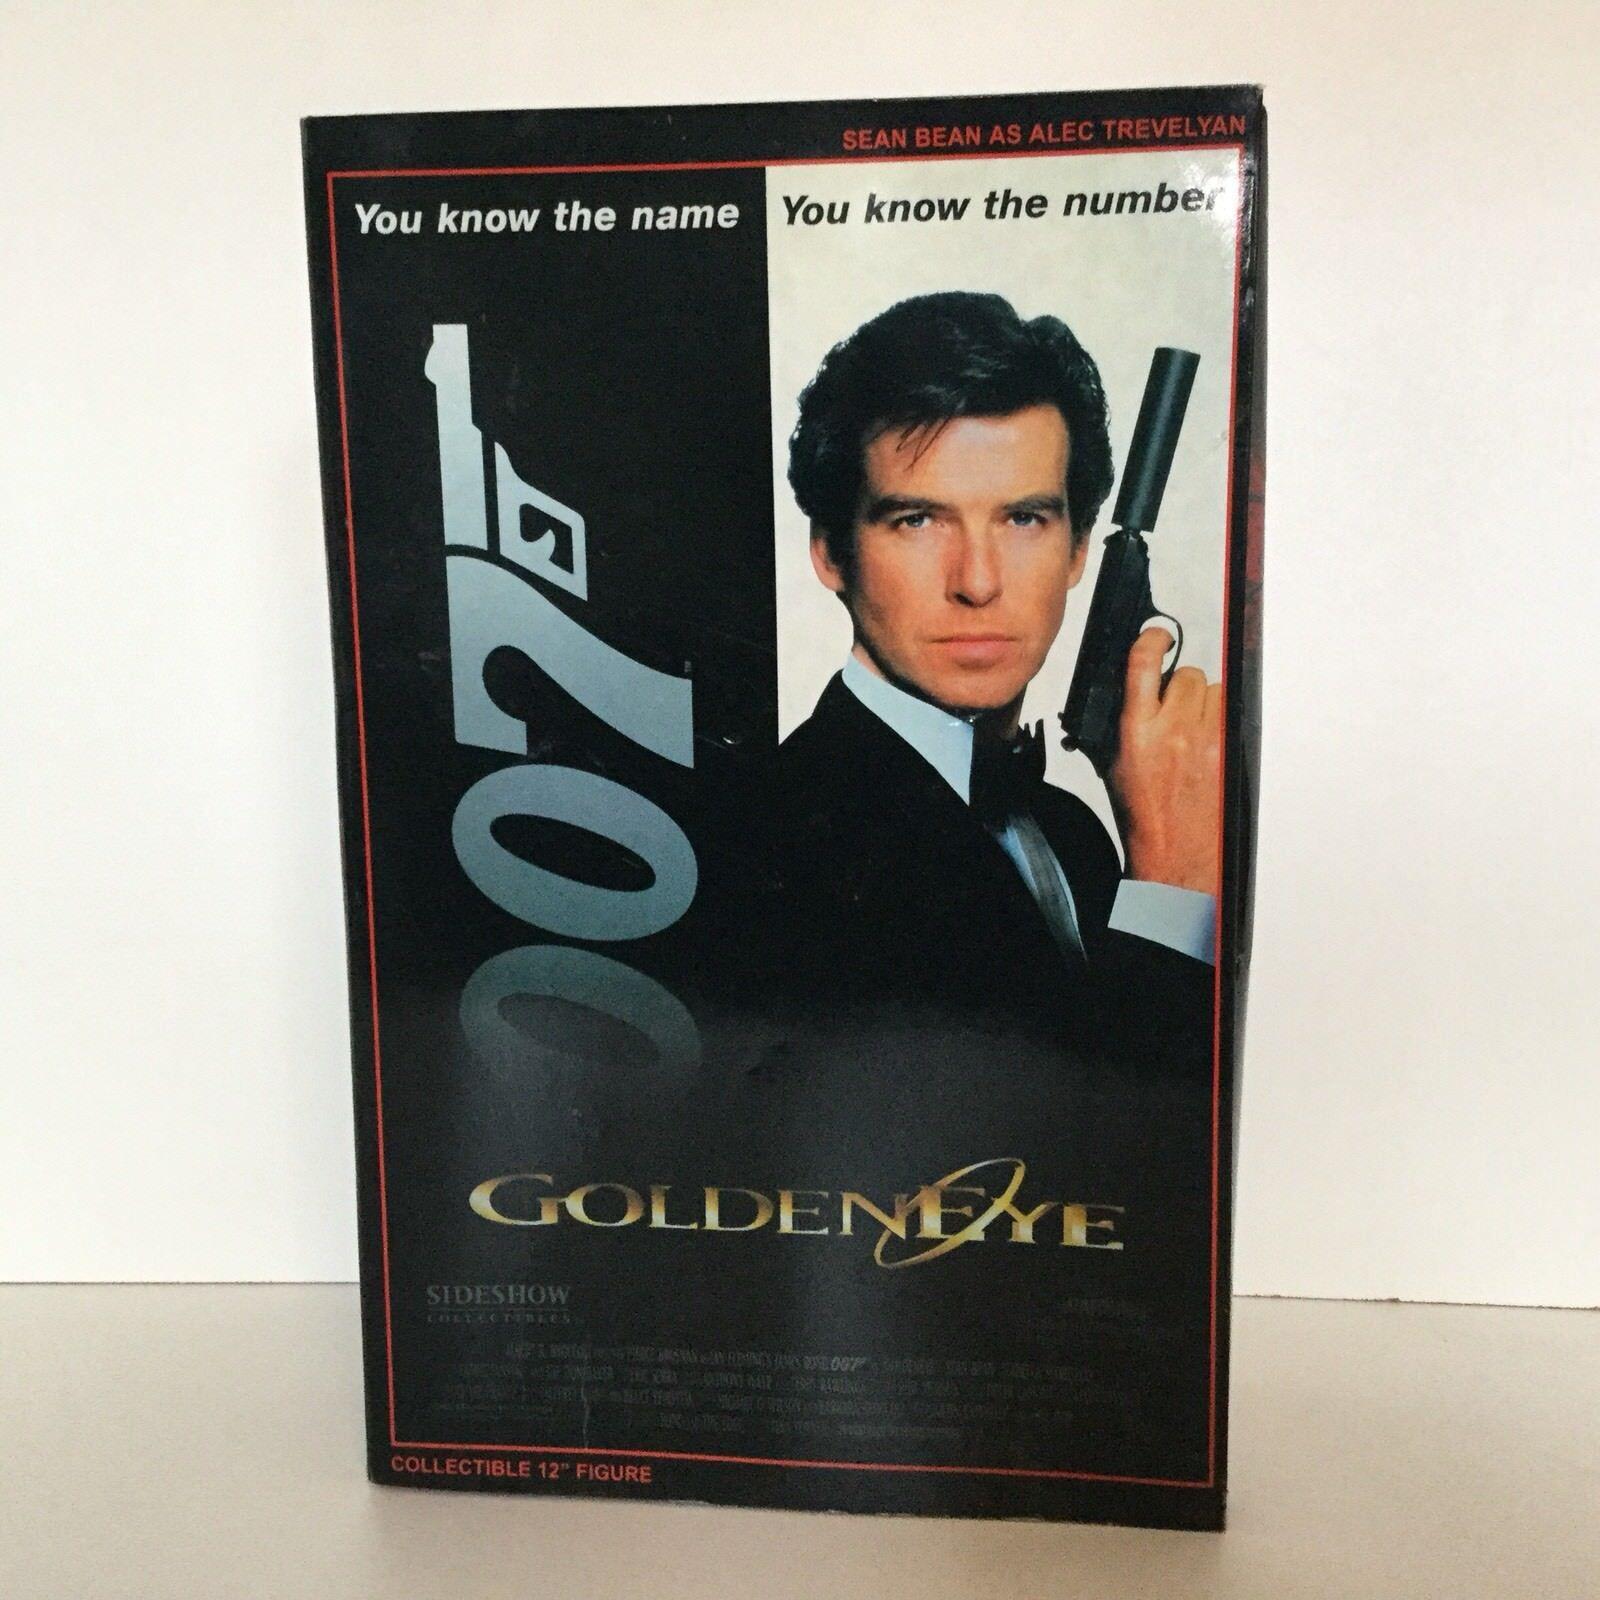 calidad fantástica Sideshow James Bond 007 oroeneye Sean Bean Alec Trevelyan 12 12 12 acción figura CIB  respuestas rápidas